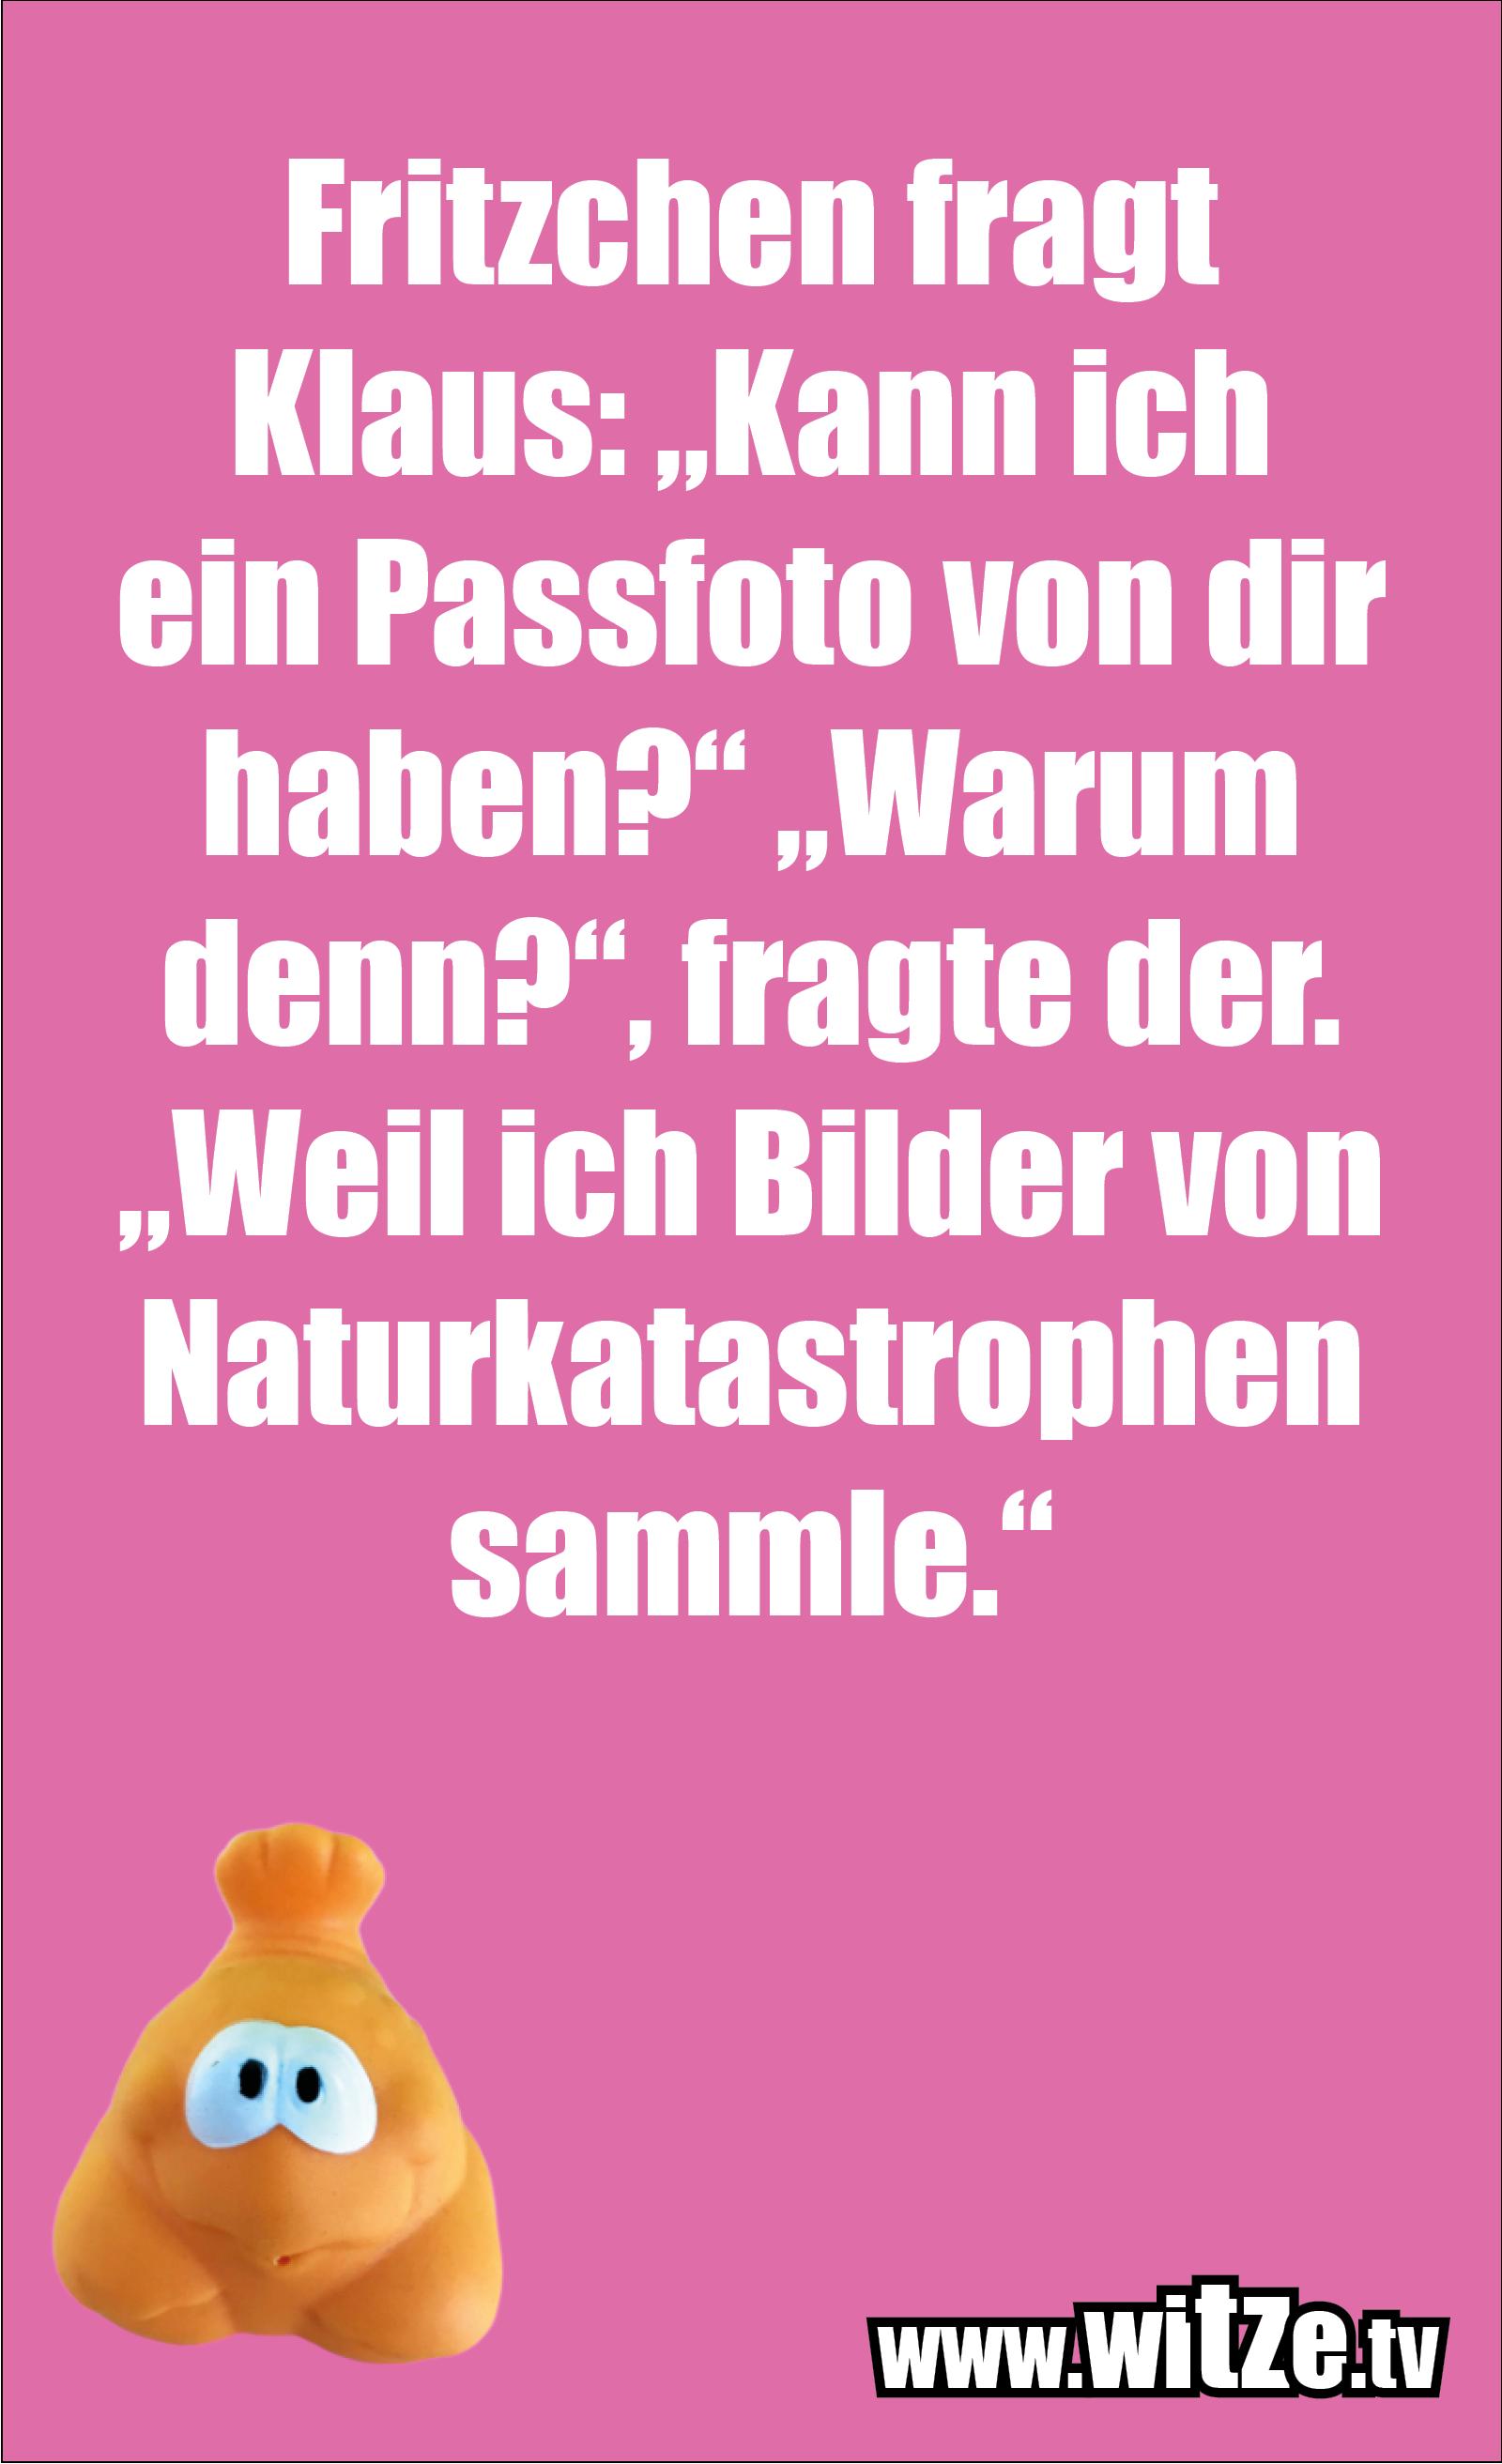 Witz über... Fritzchen fragt Klaus...